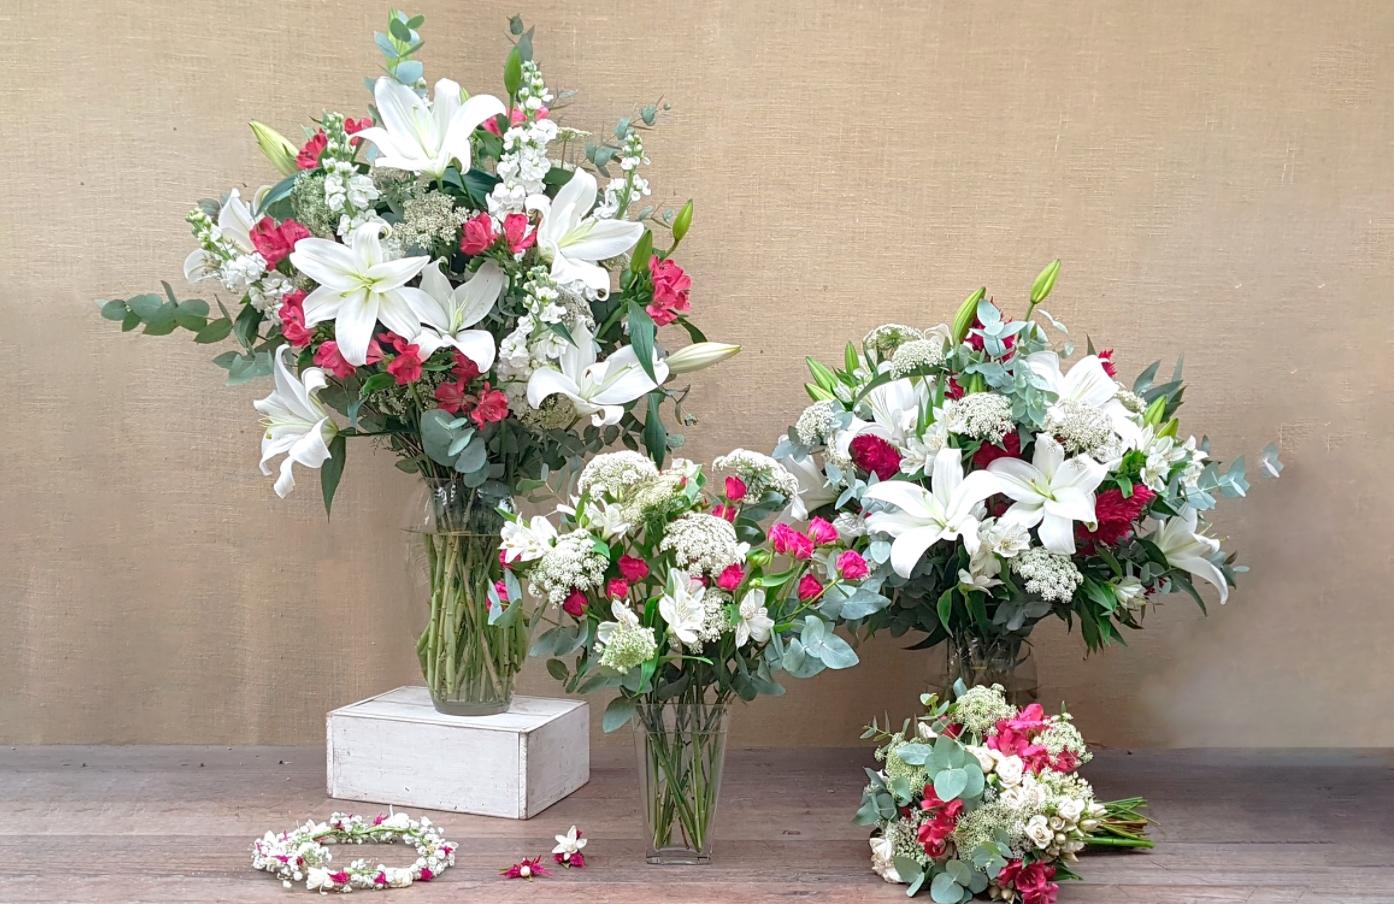 Cómo elegir arreglos florales para funerales 3